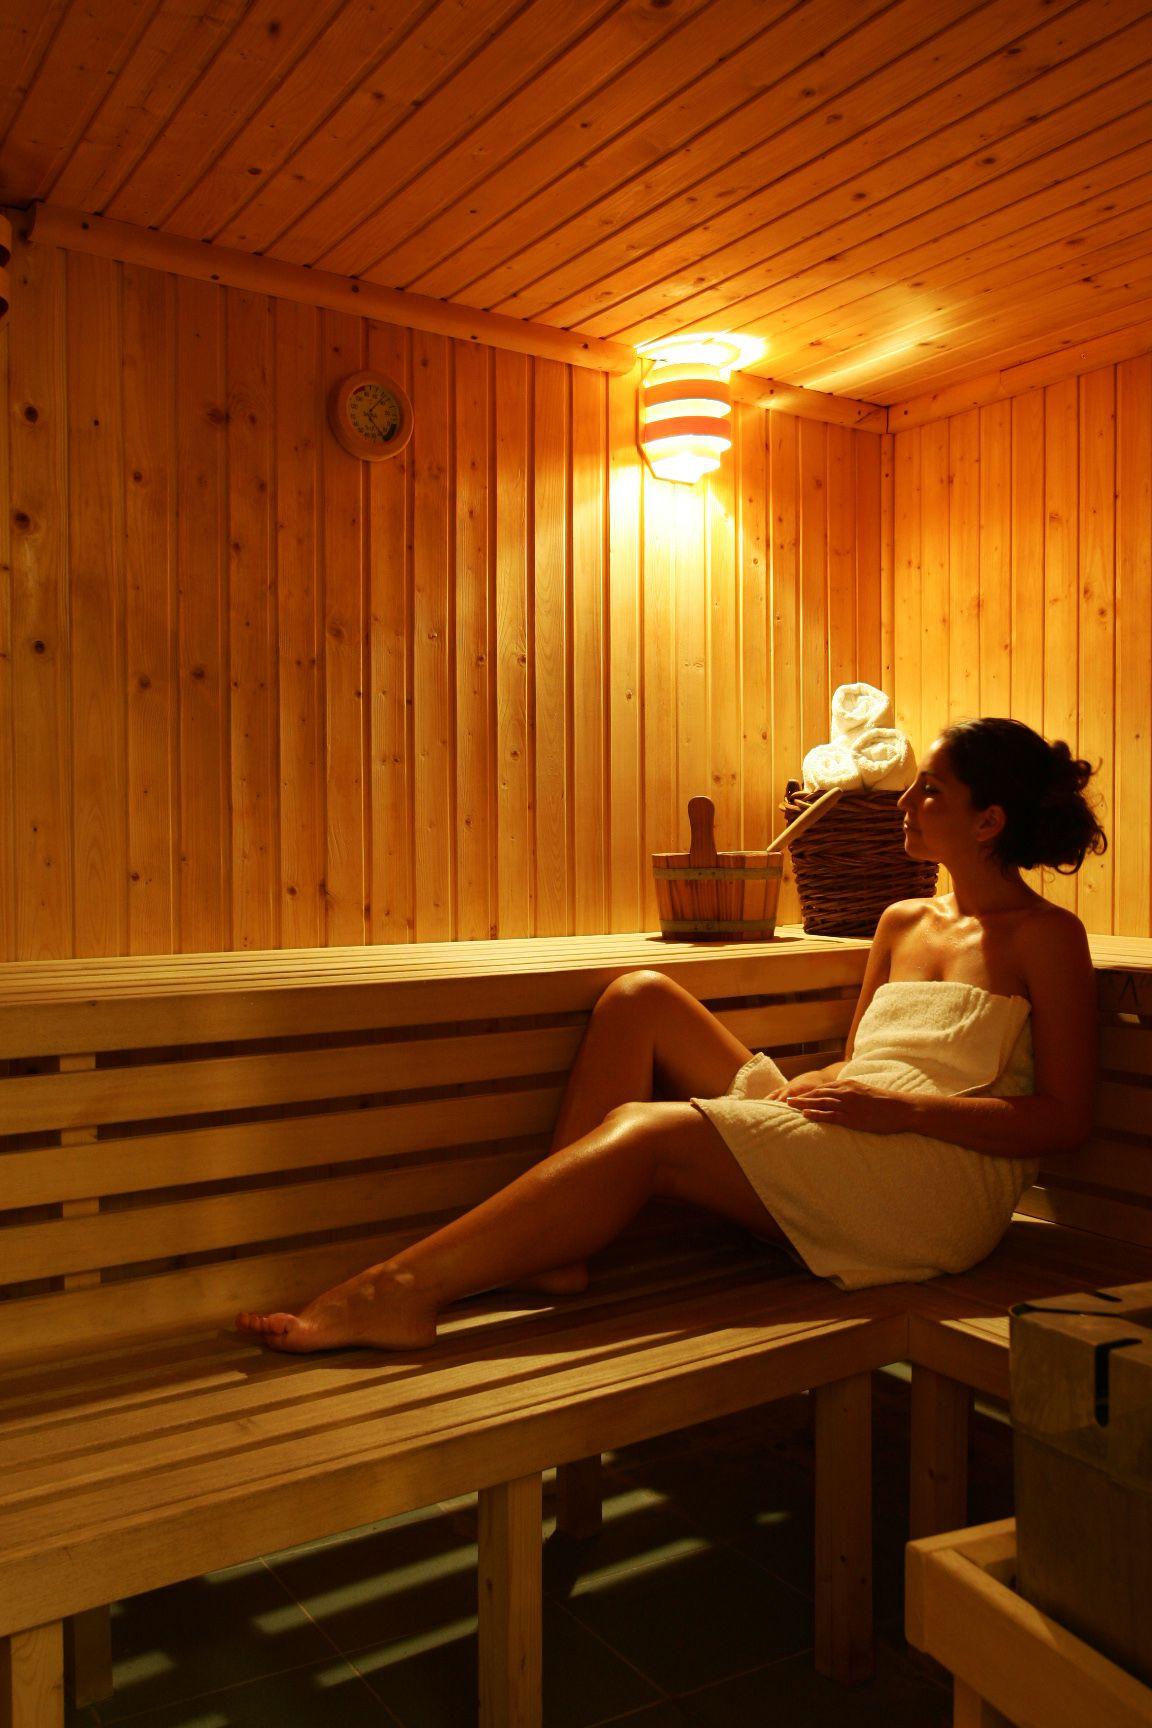 sauna 01 14822787161 o - Zora Hotel